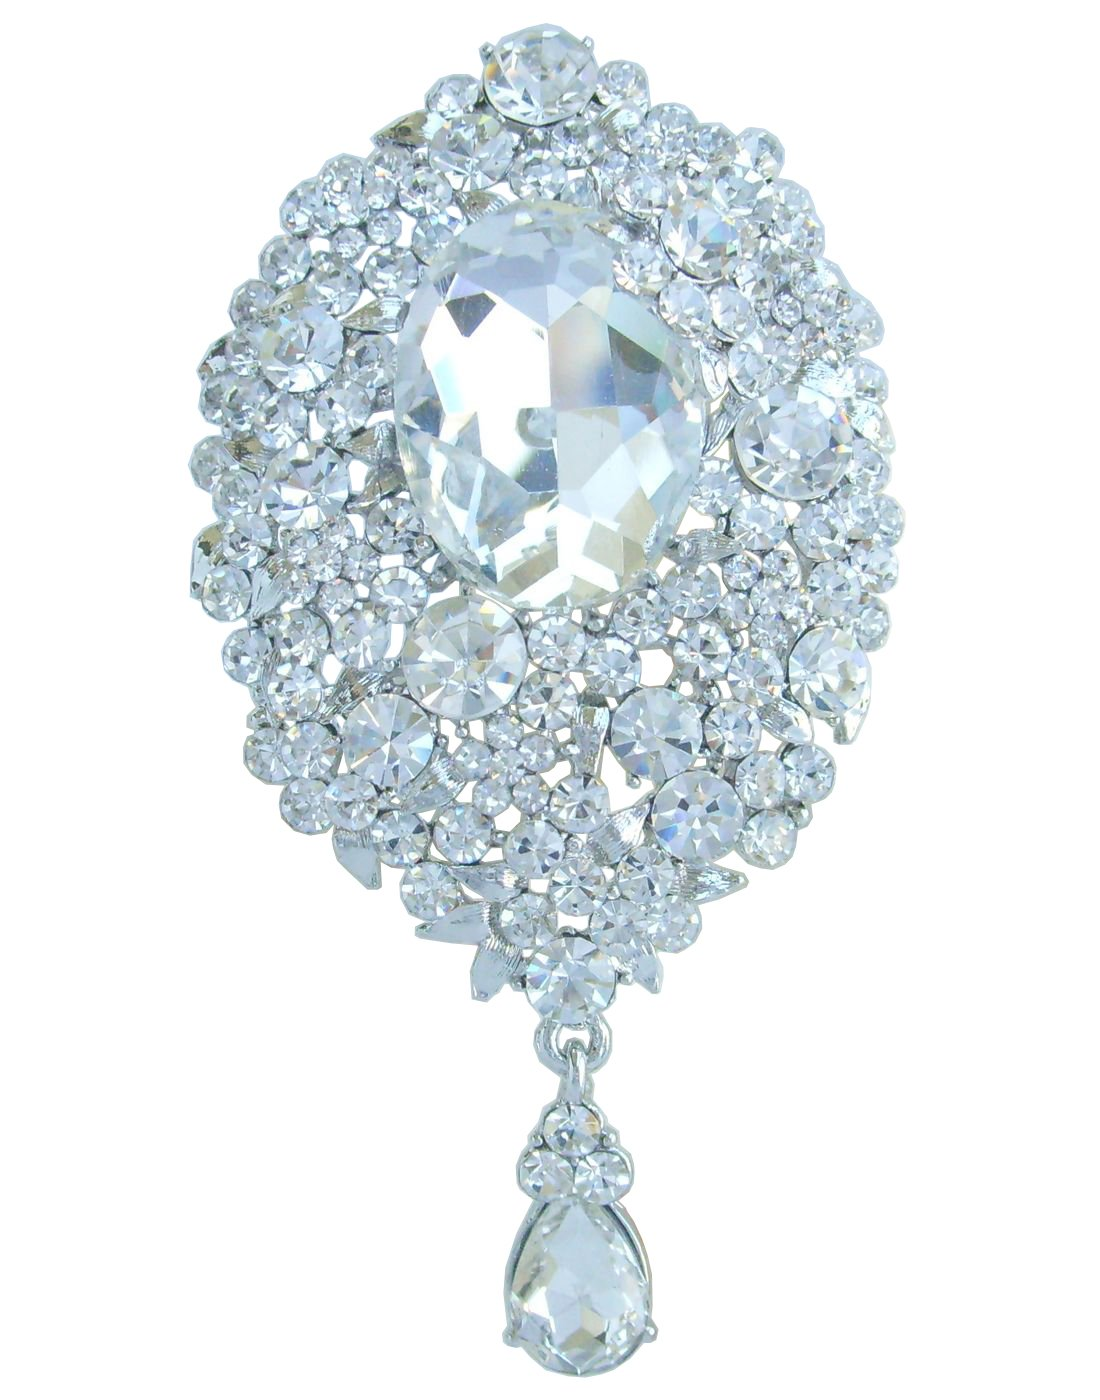 Sindary Wedding 3.94'' Silver Tone Clear Rhinestone Crystal Bridal Teardrop Brooch Pin Pendant BZ4882